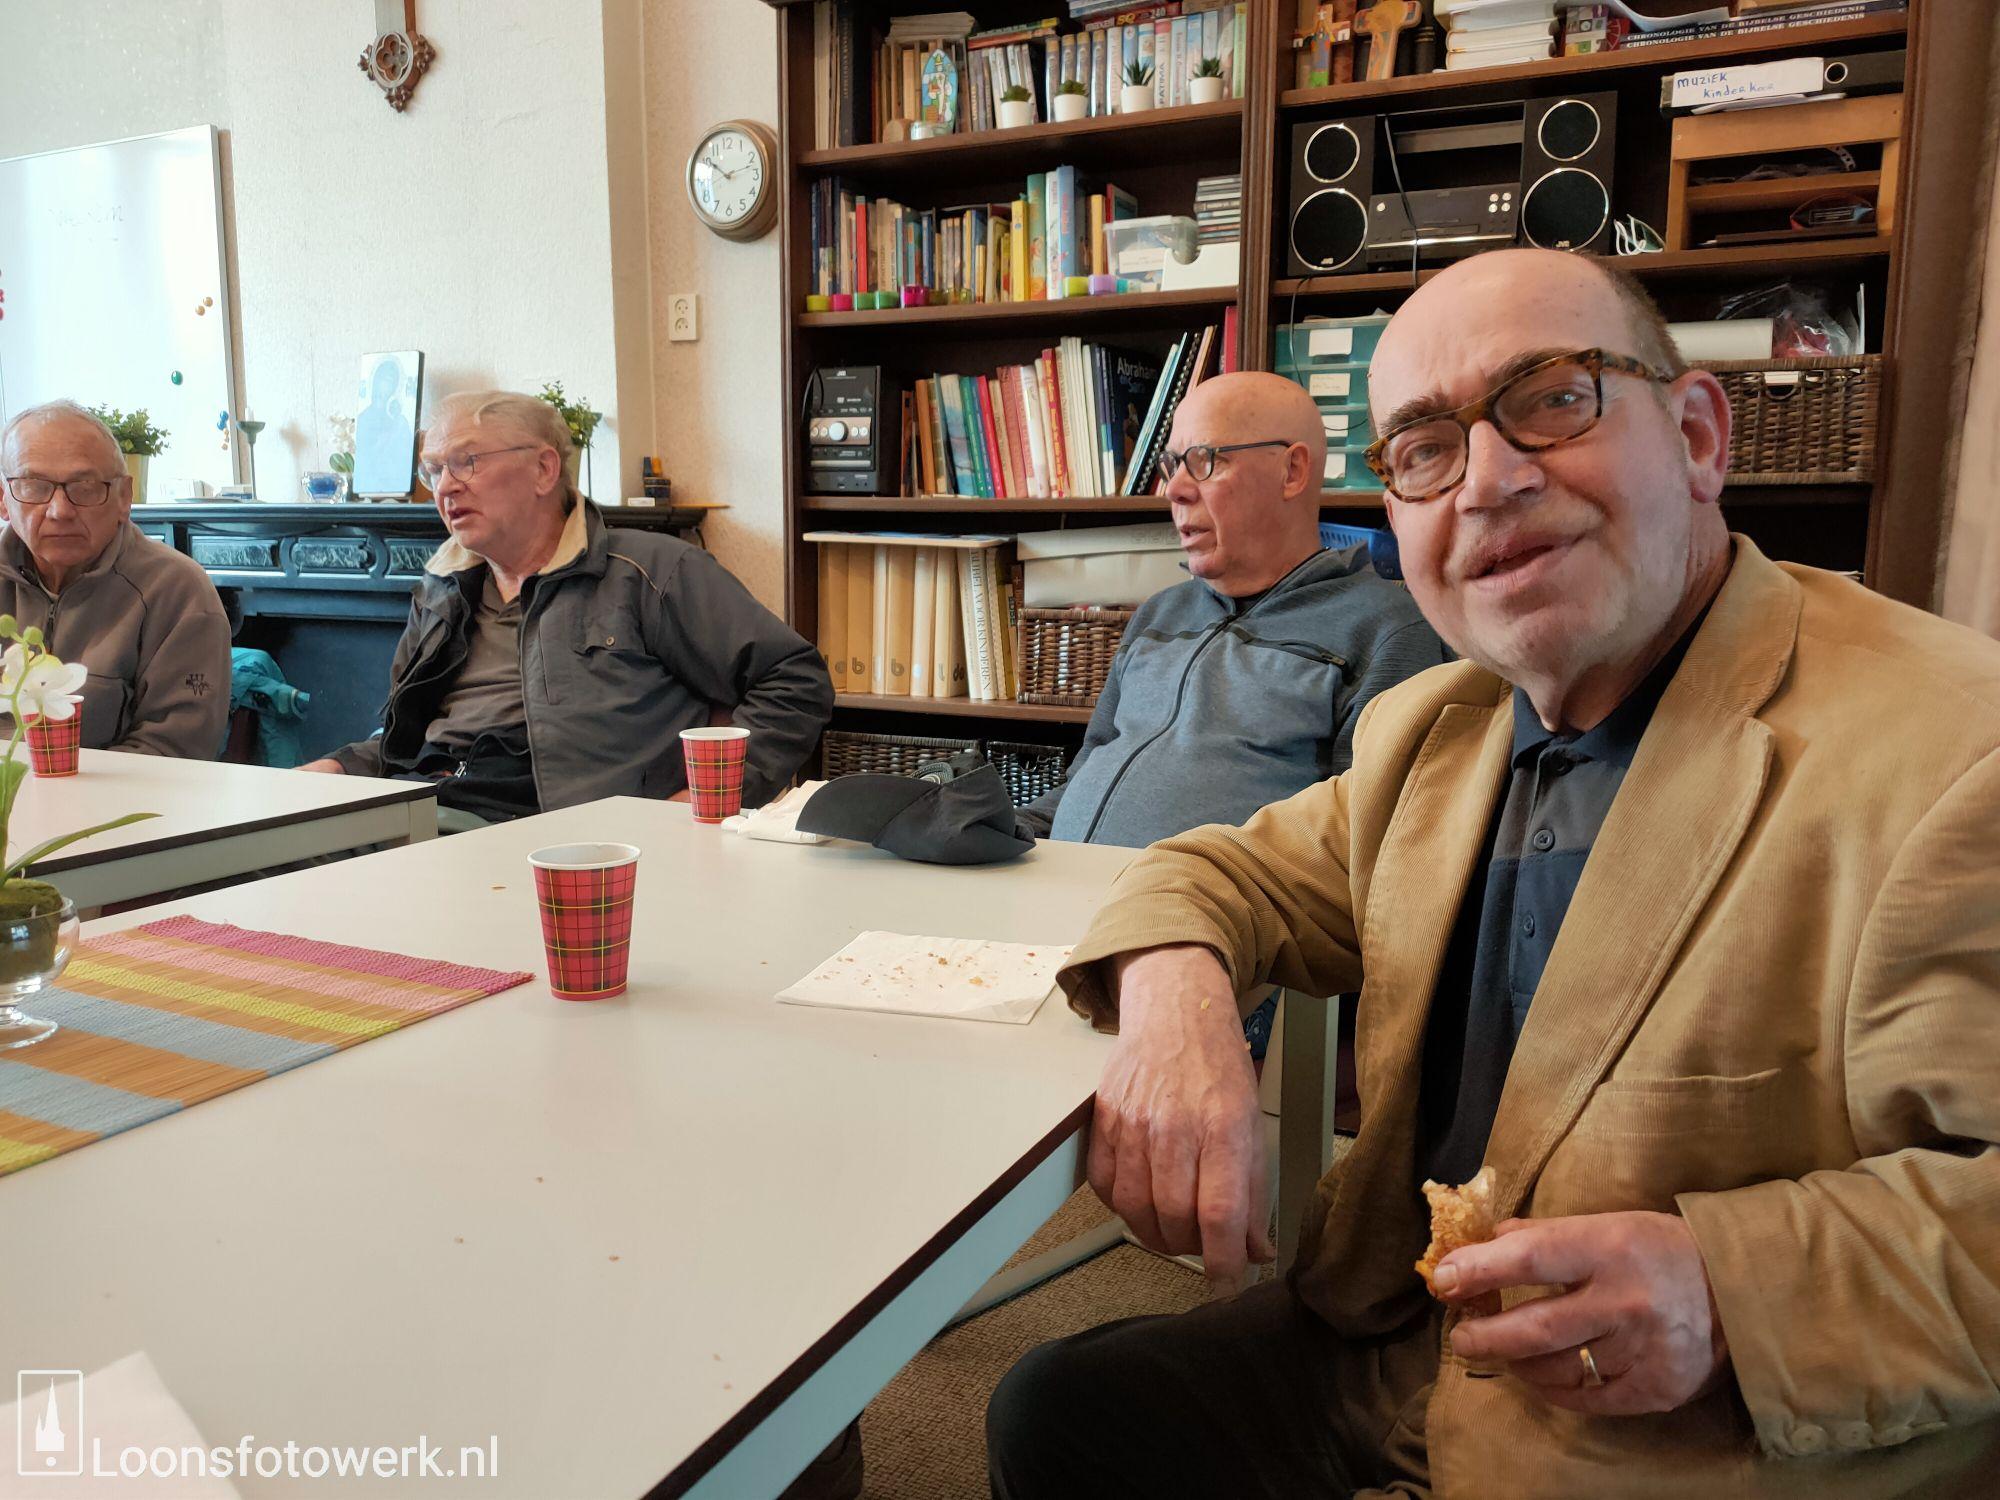 Henk van der Velden